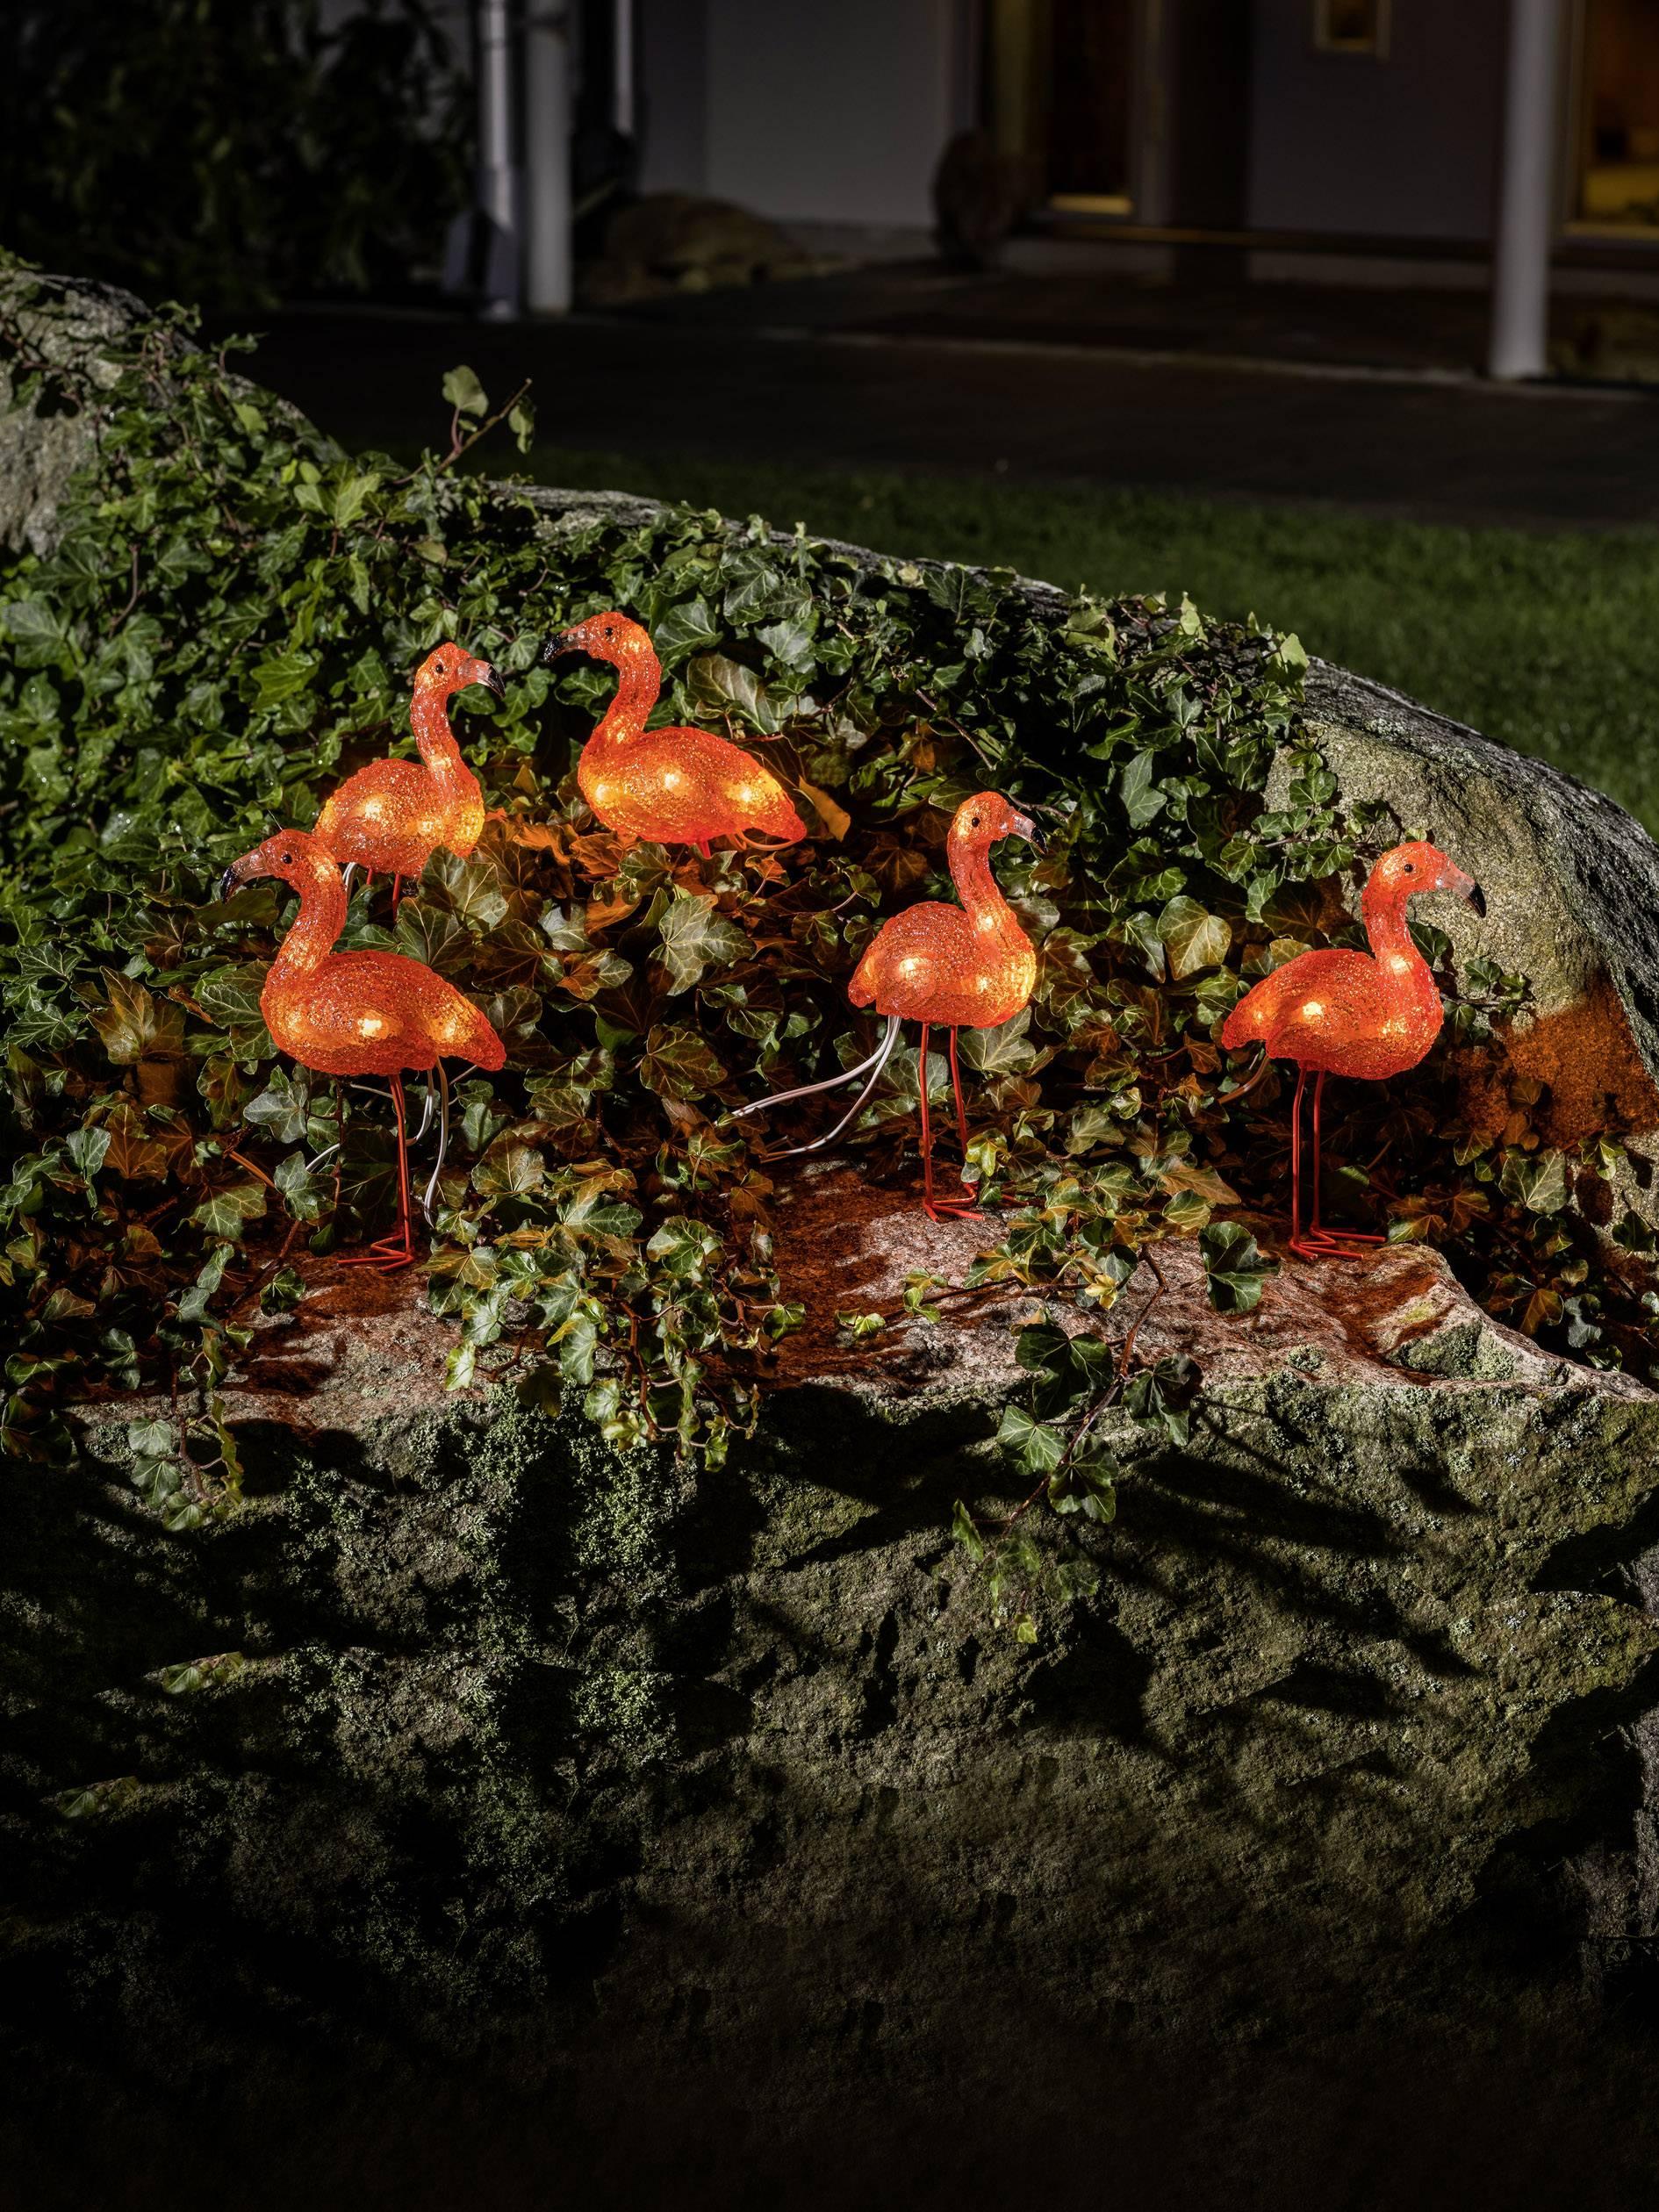 Akrylová LED postavička Konstsmide 6267-803 6267-803, jantarová